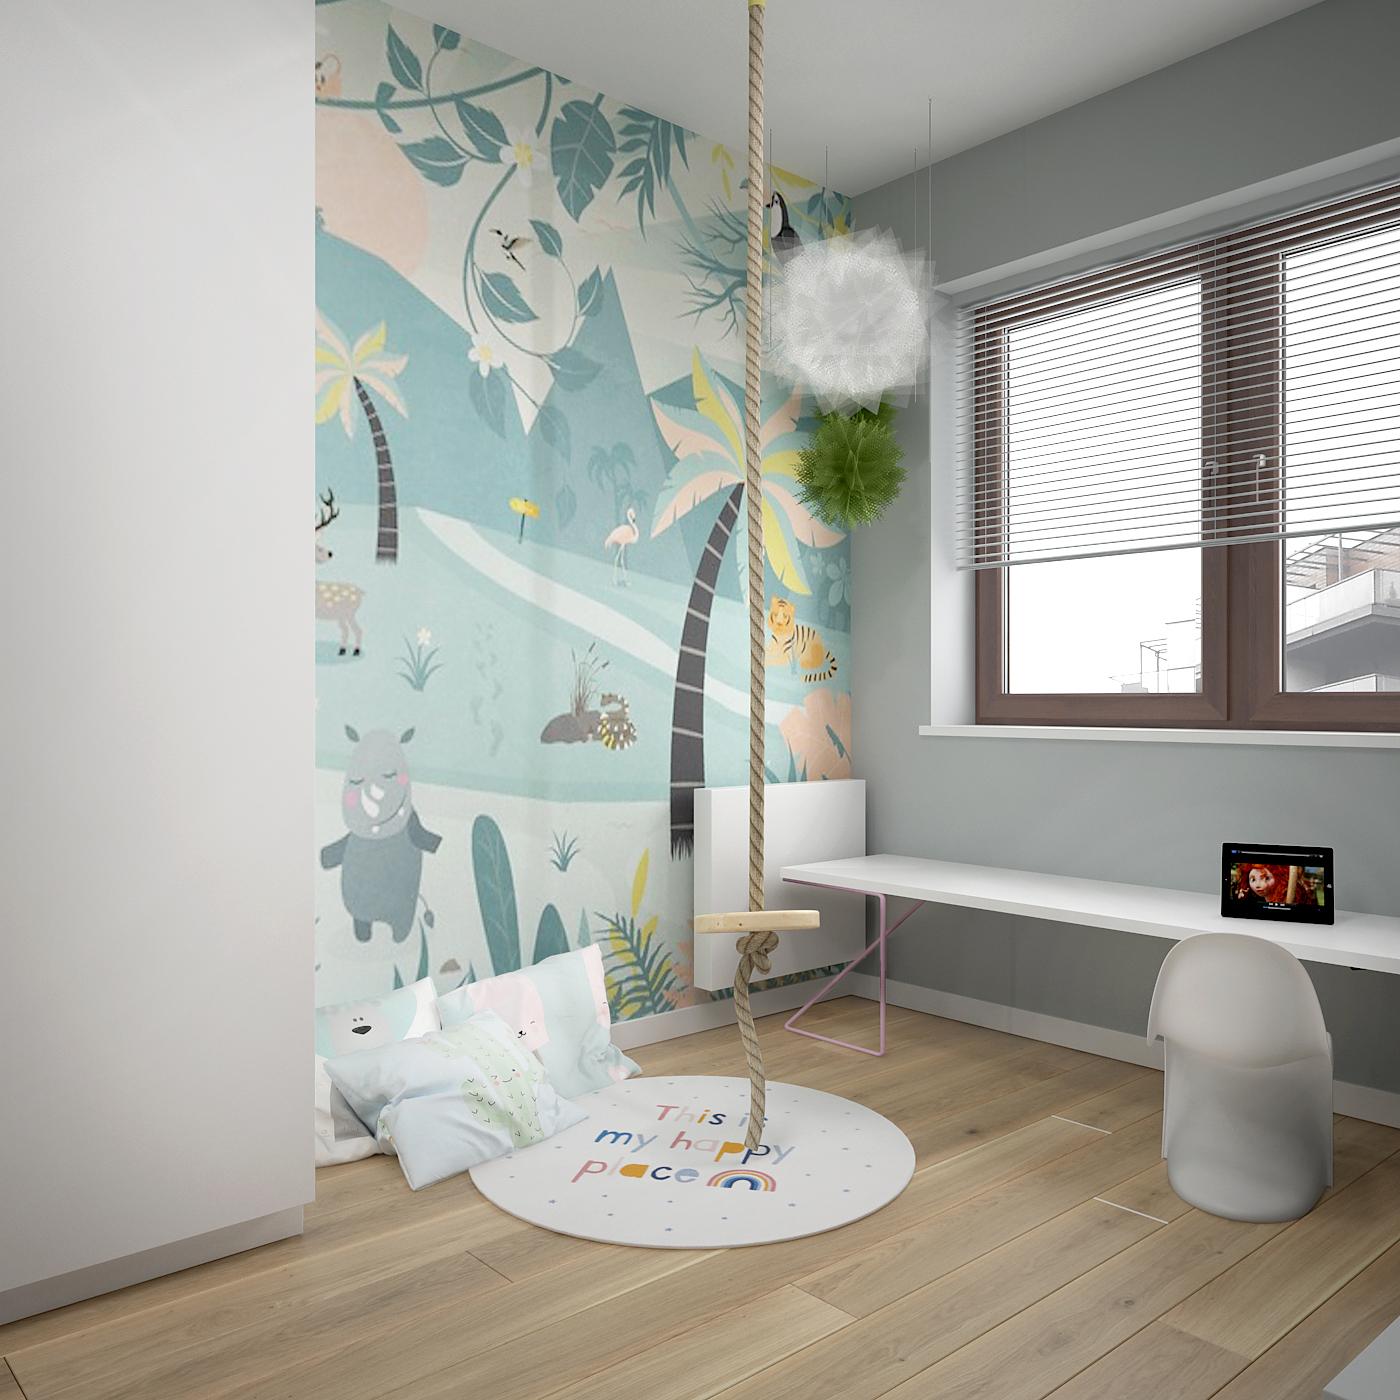 20 projekt wnetrza 537 mieszkanie krakow pokoj dziecka sznurowa hustawka tapeta z kreskowki okragly dywan deska na podlodze